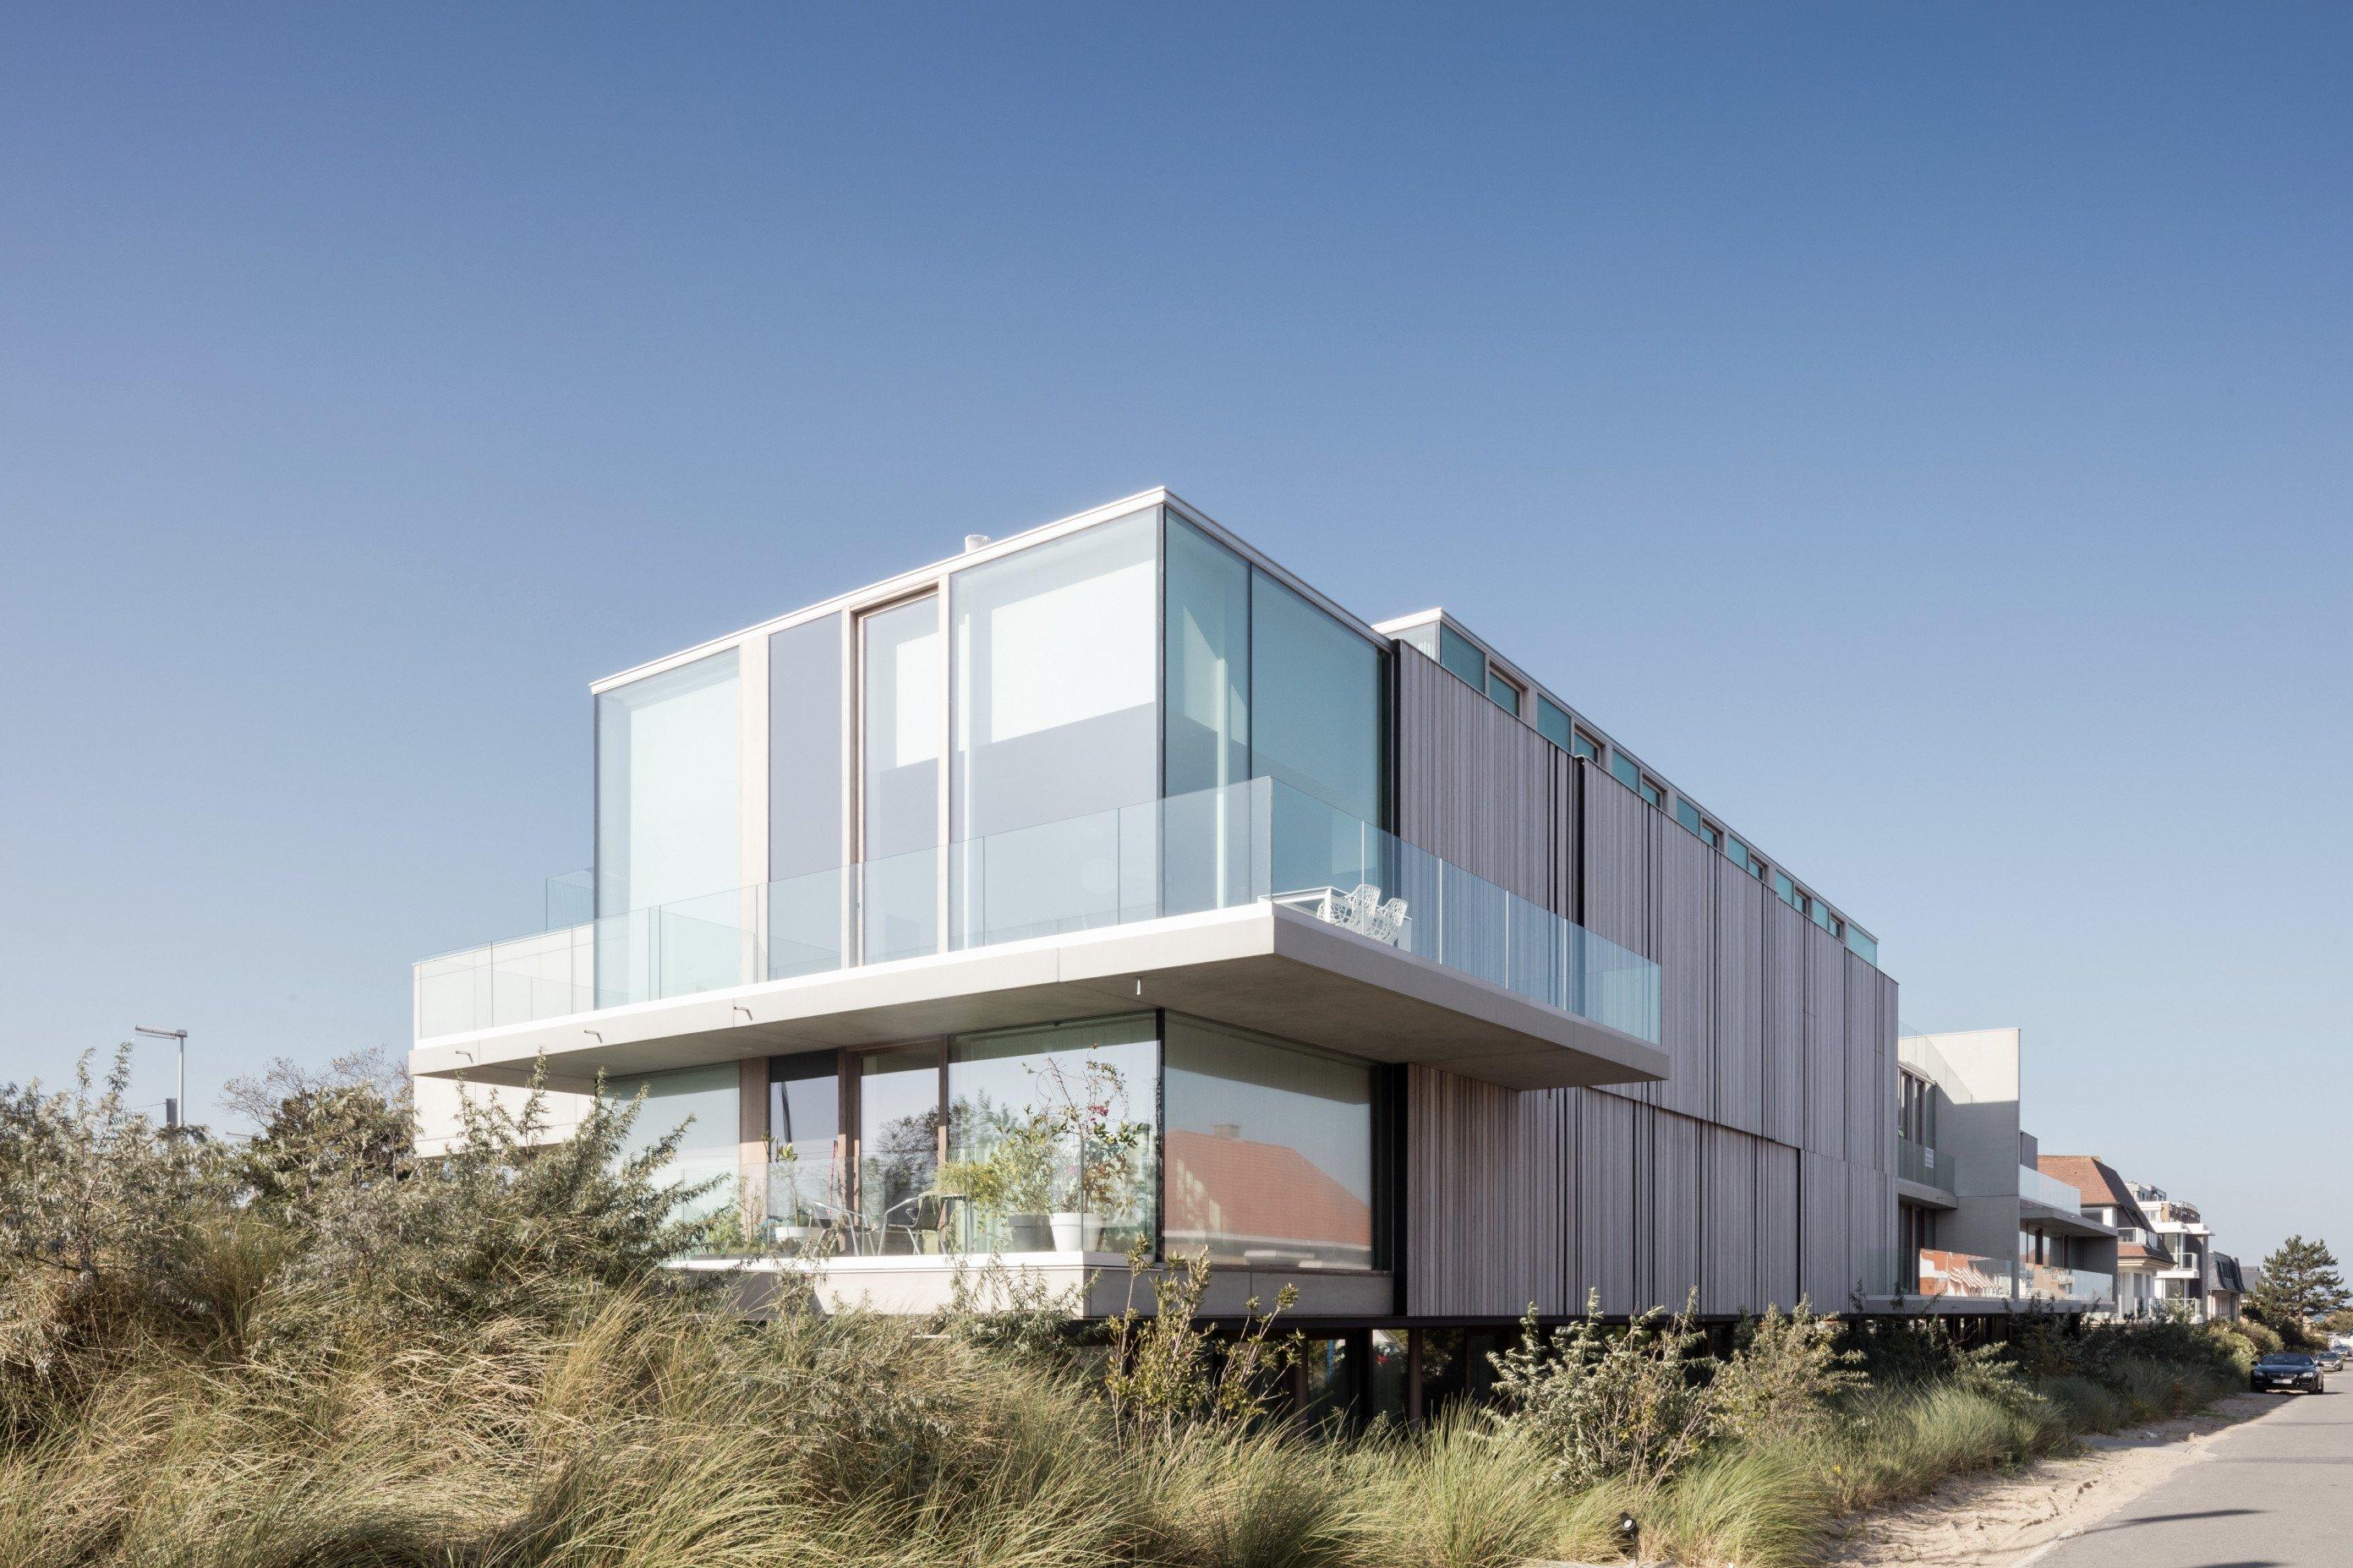 Rietveldprojects-Corbu-Koksijde-Fototimvandevelde5.jpg